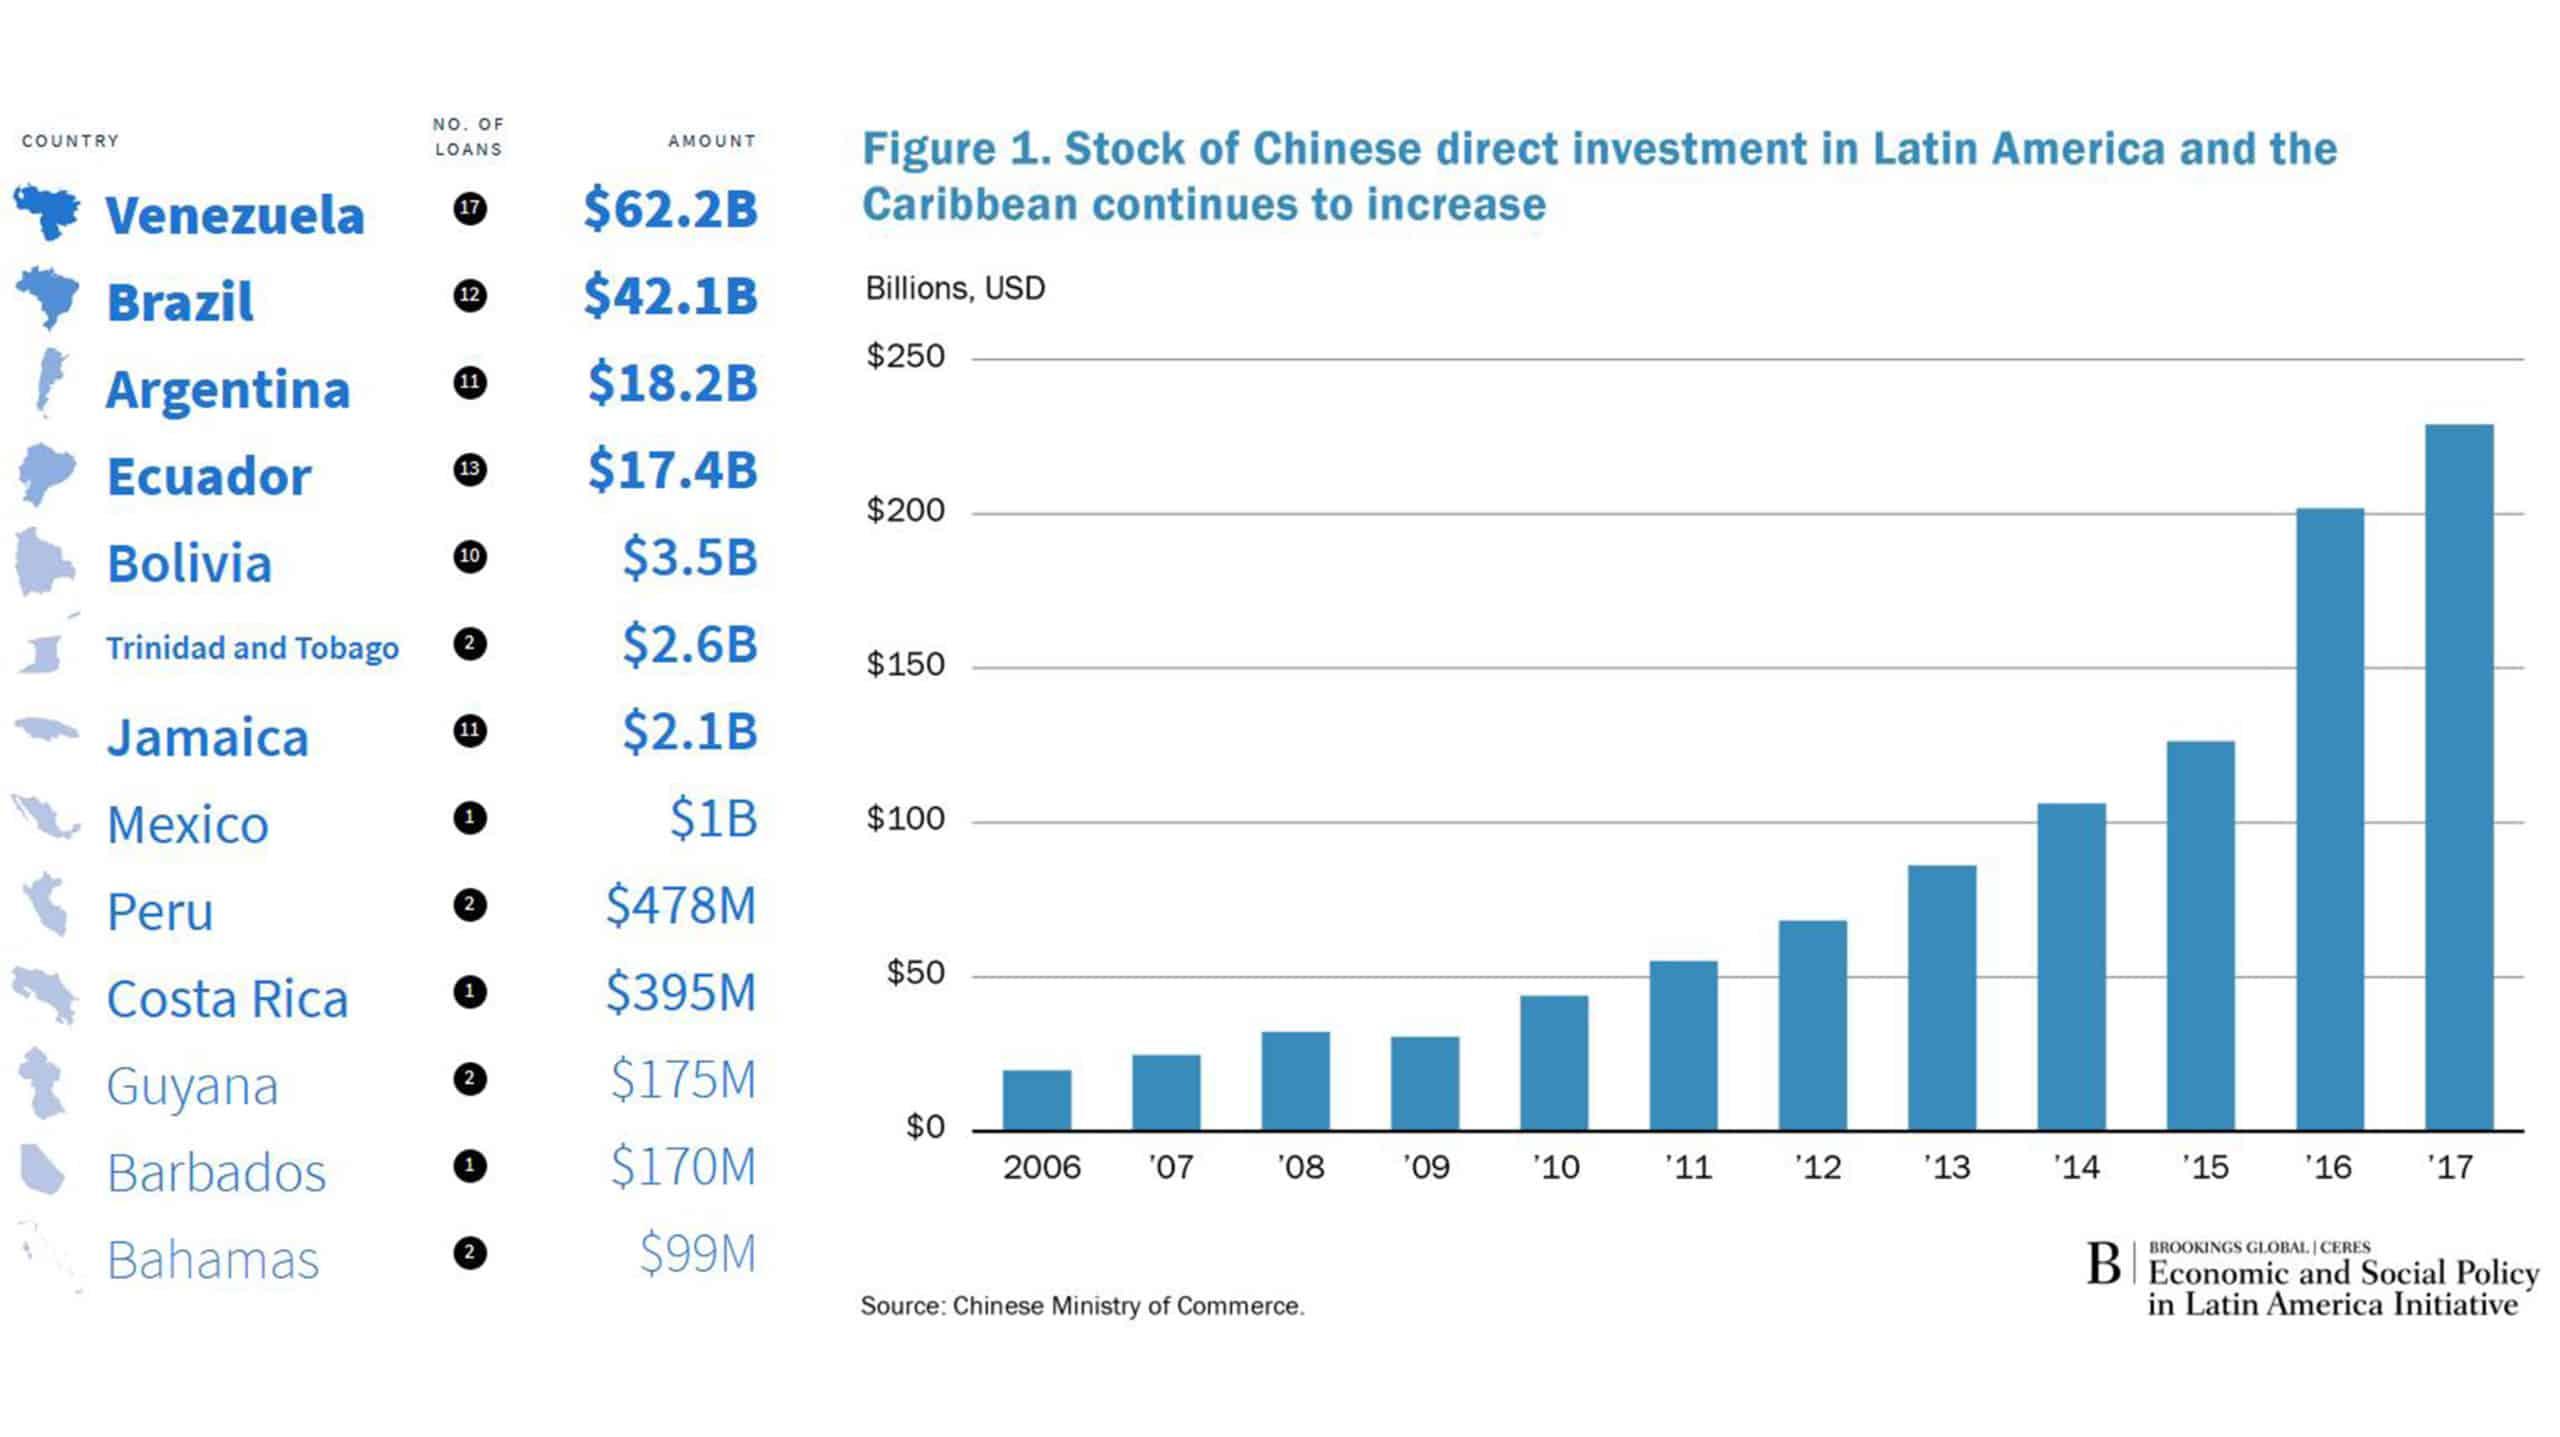 China inversiones en Latam